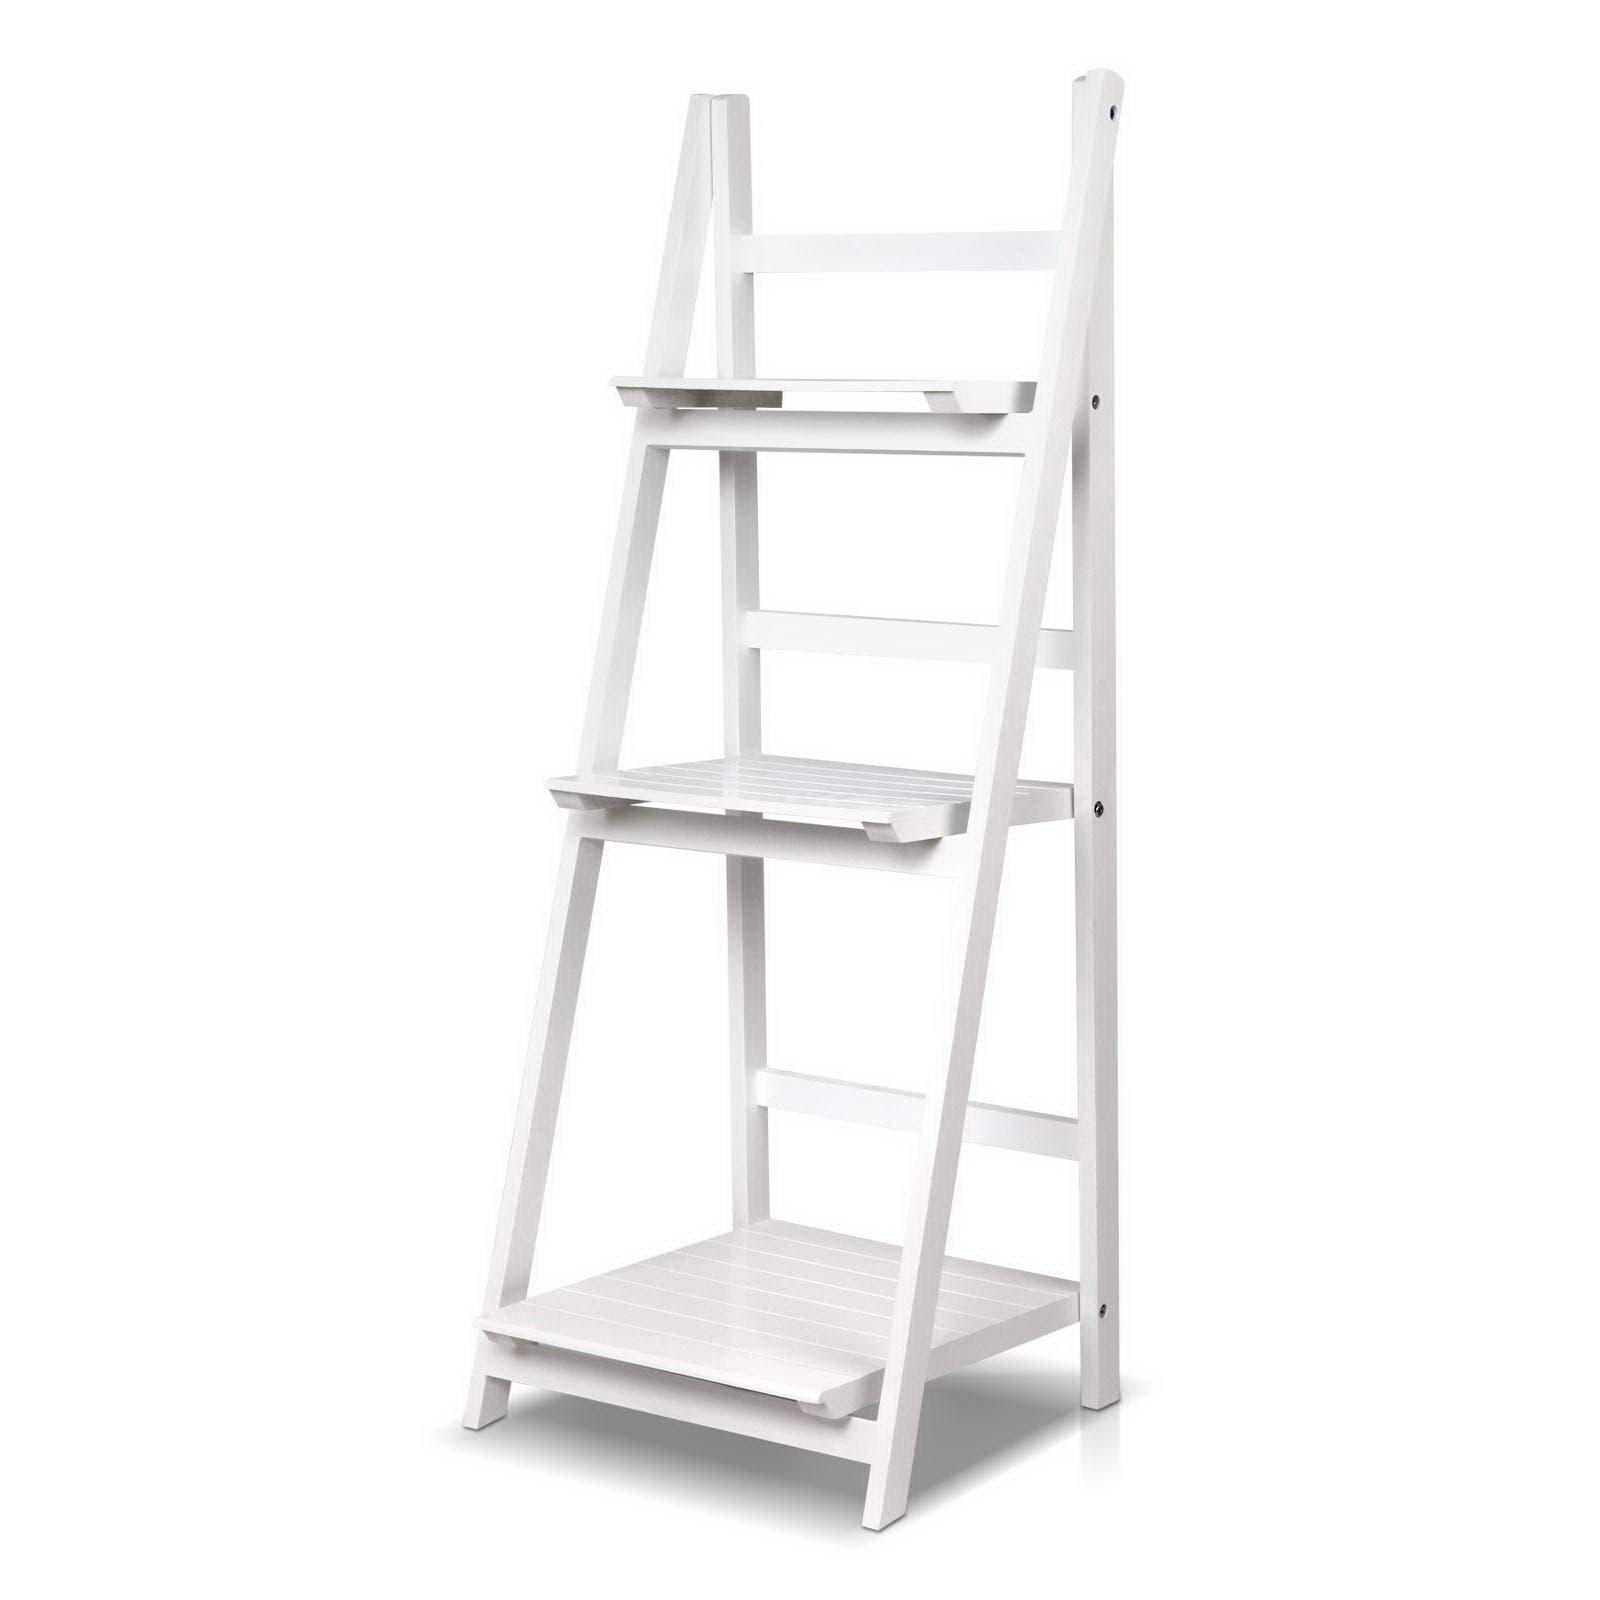 Artiss Wooden Ladder Shelf Display Bookcase 3 Tier Stand Storage Book Shelves